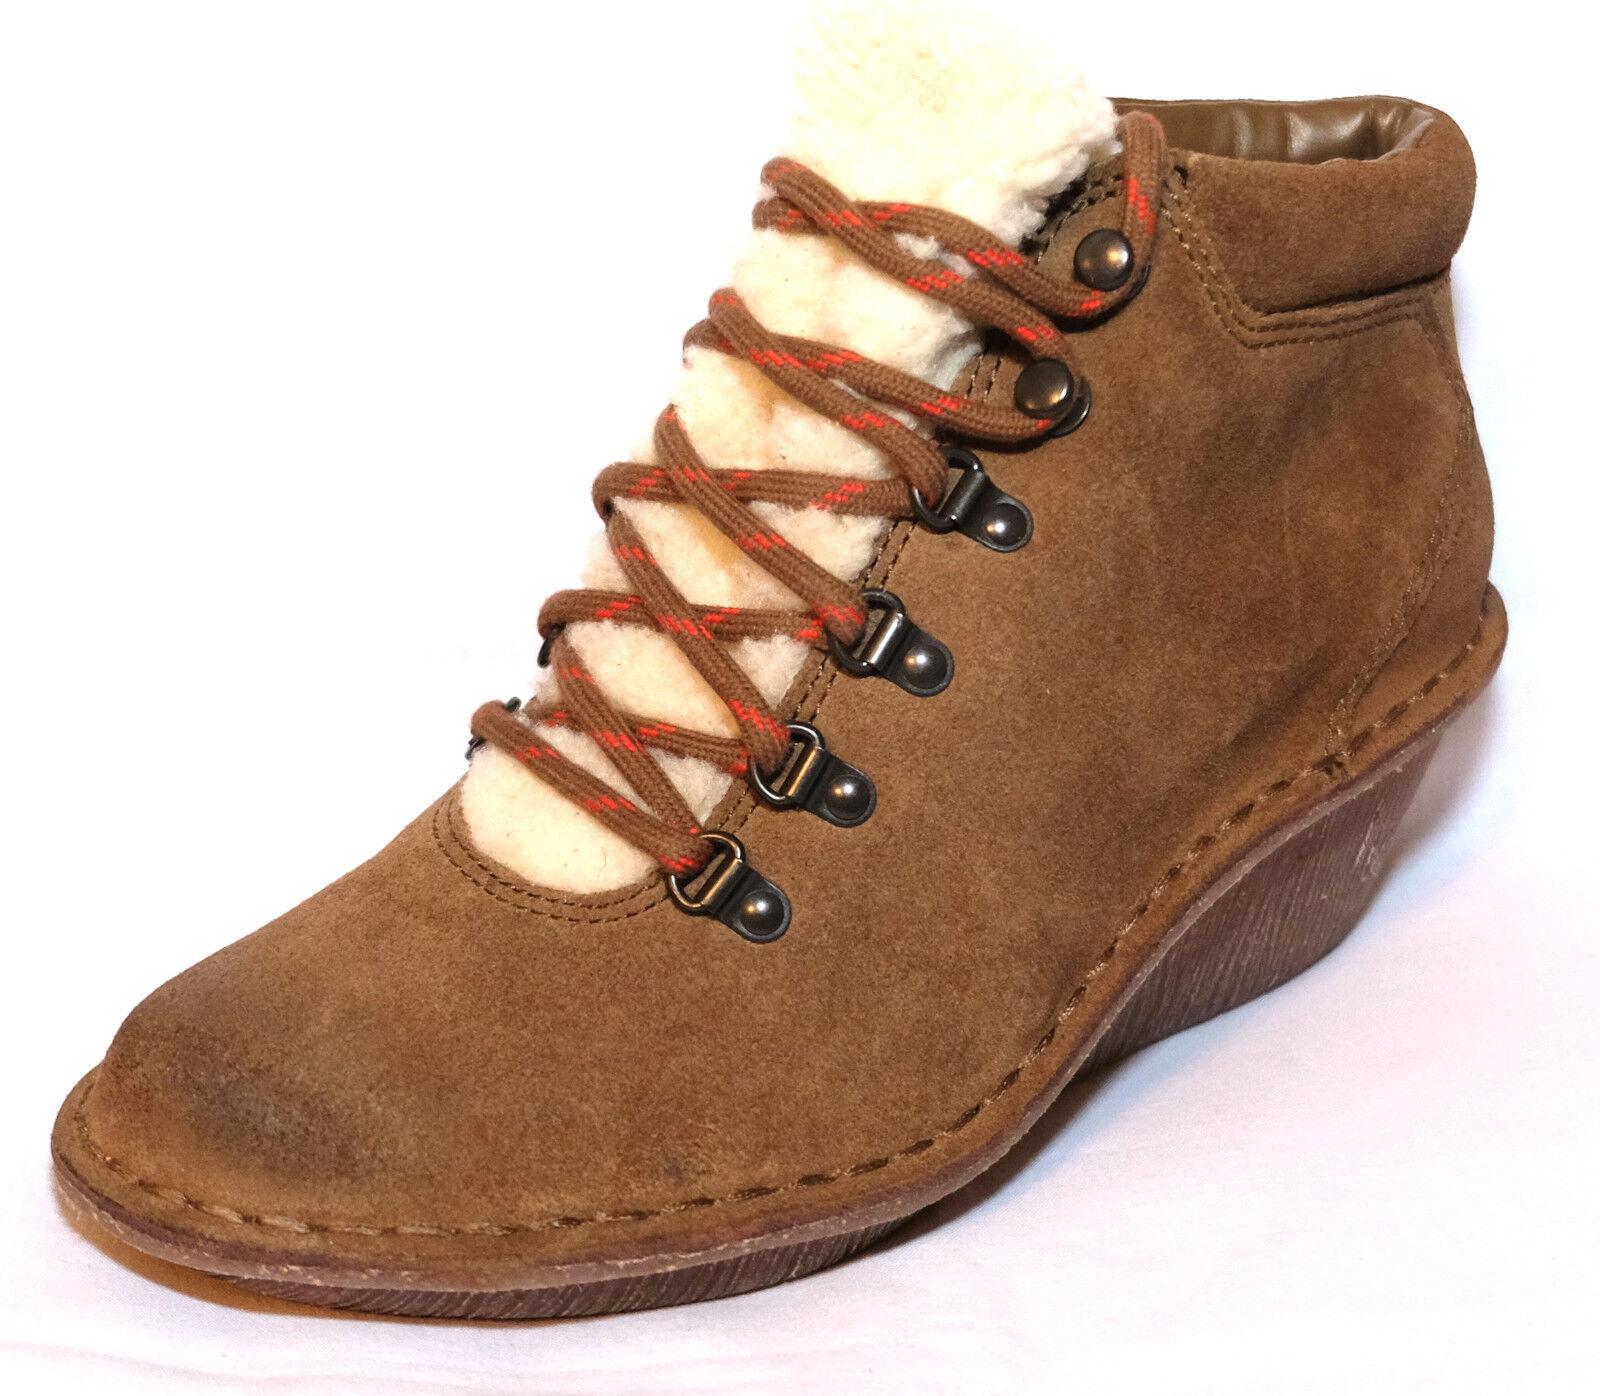 Clarks  ladies  Marsden Grace   Lace Up Faux Fur Trim Ankle Boot size 4.5D.New